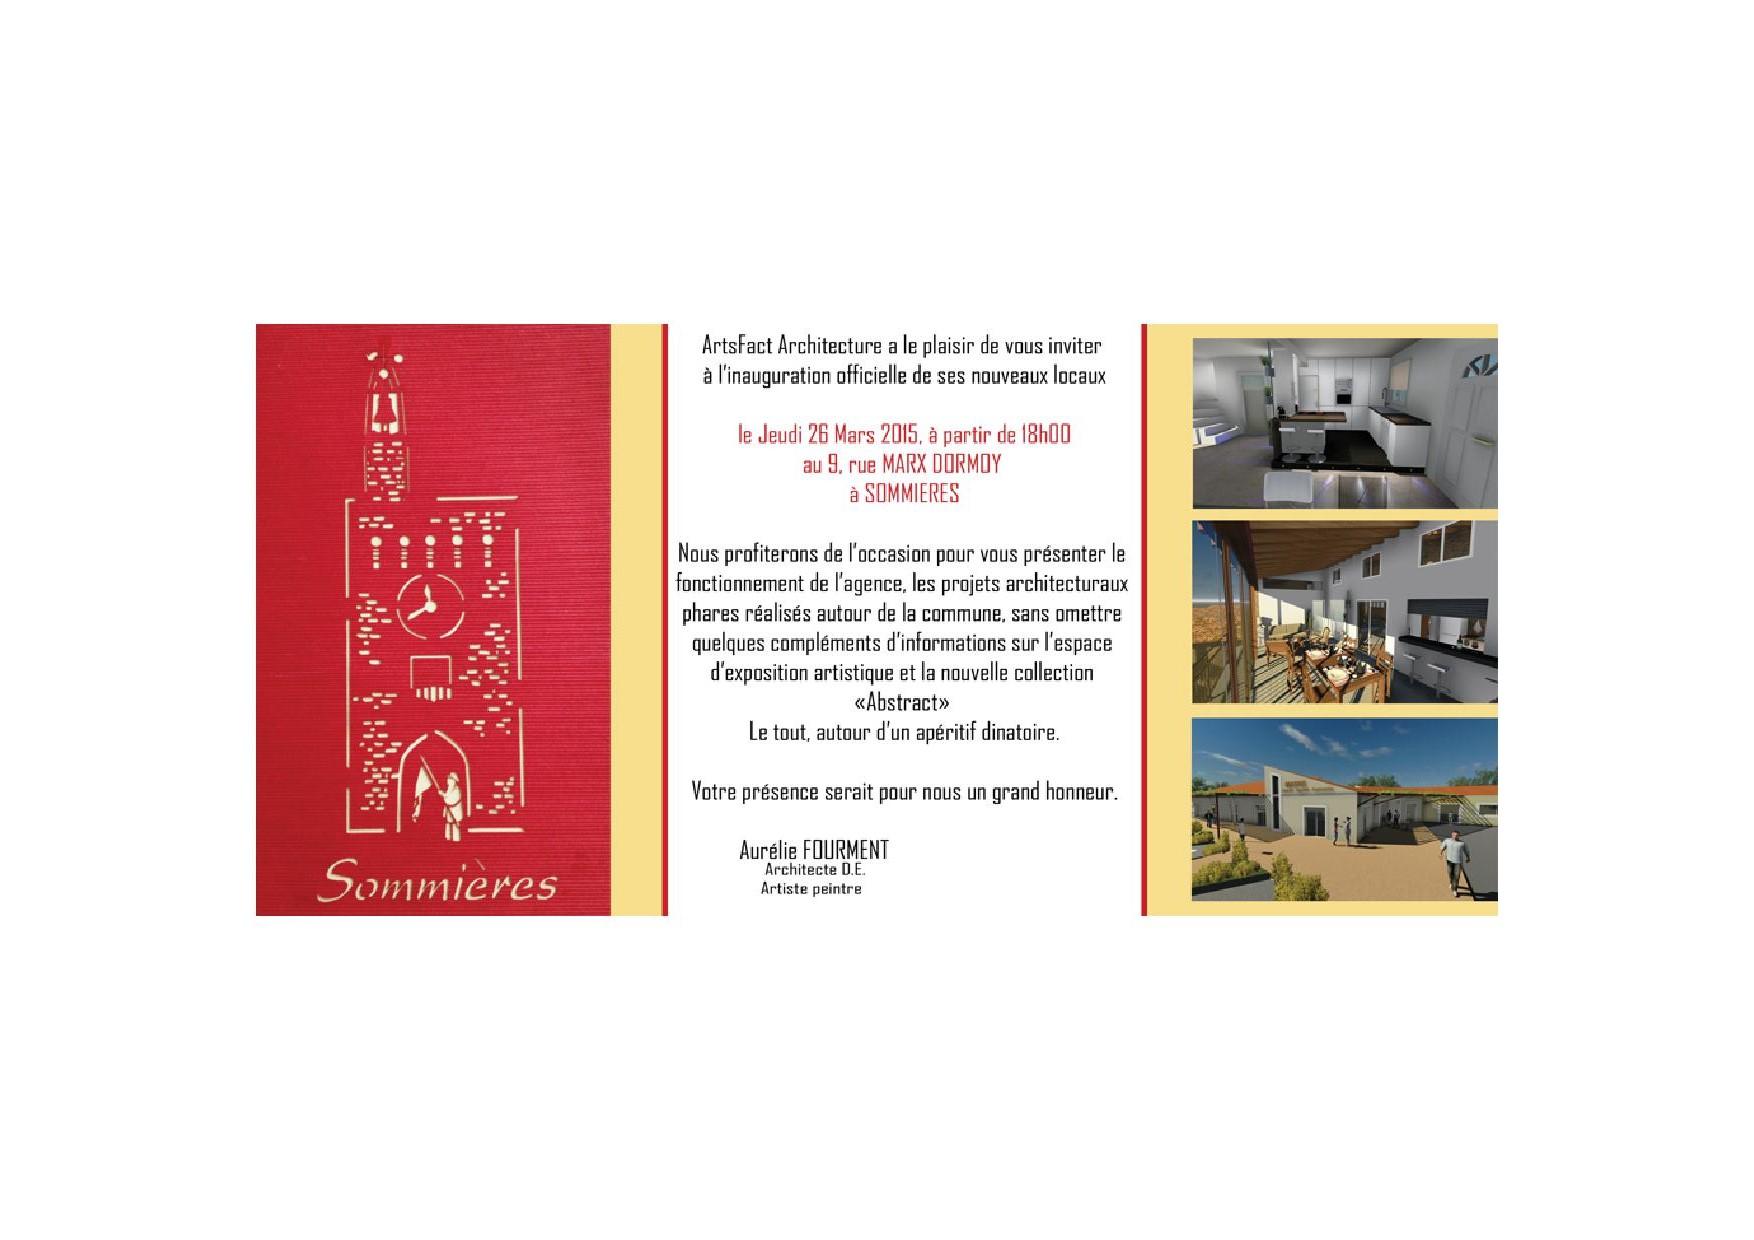 Inauguration des nouveaux locaux de Artsfact Architecture à Sommières